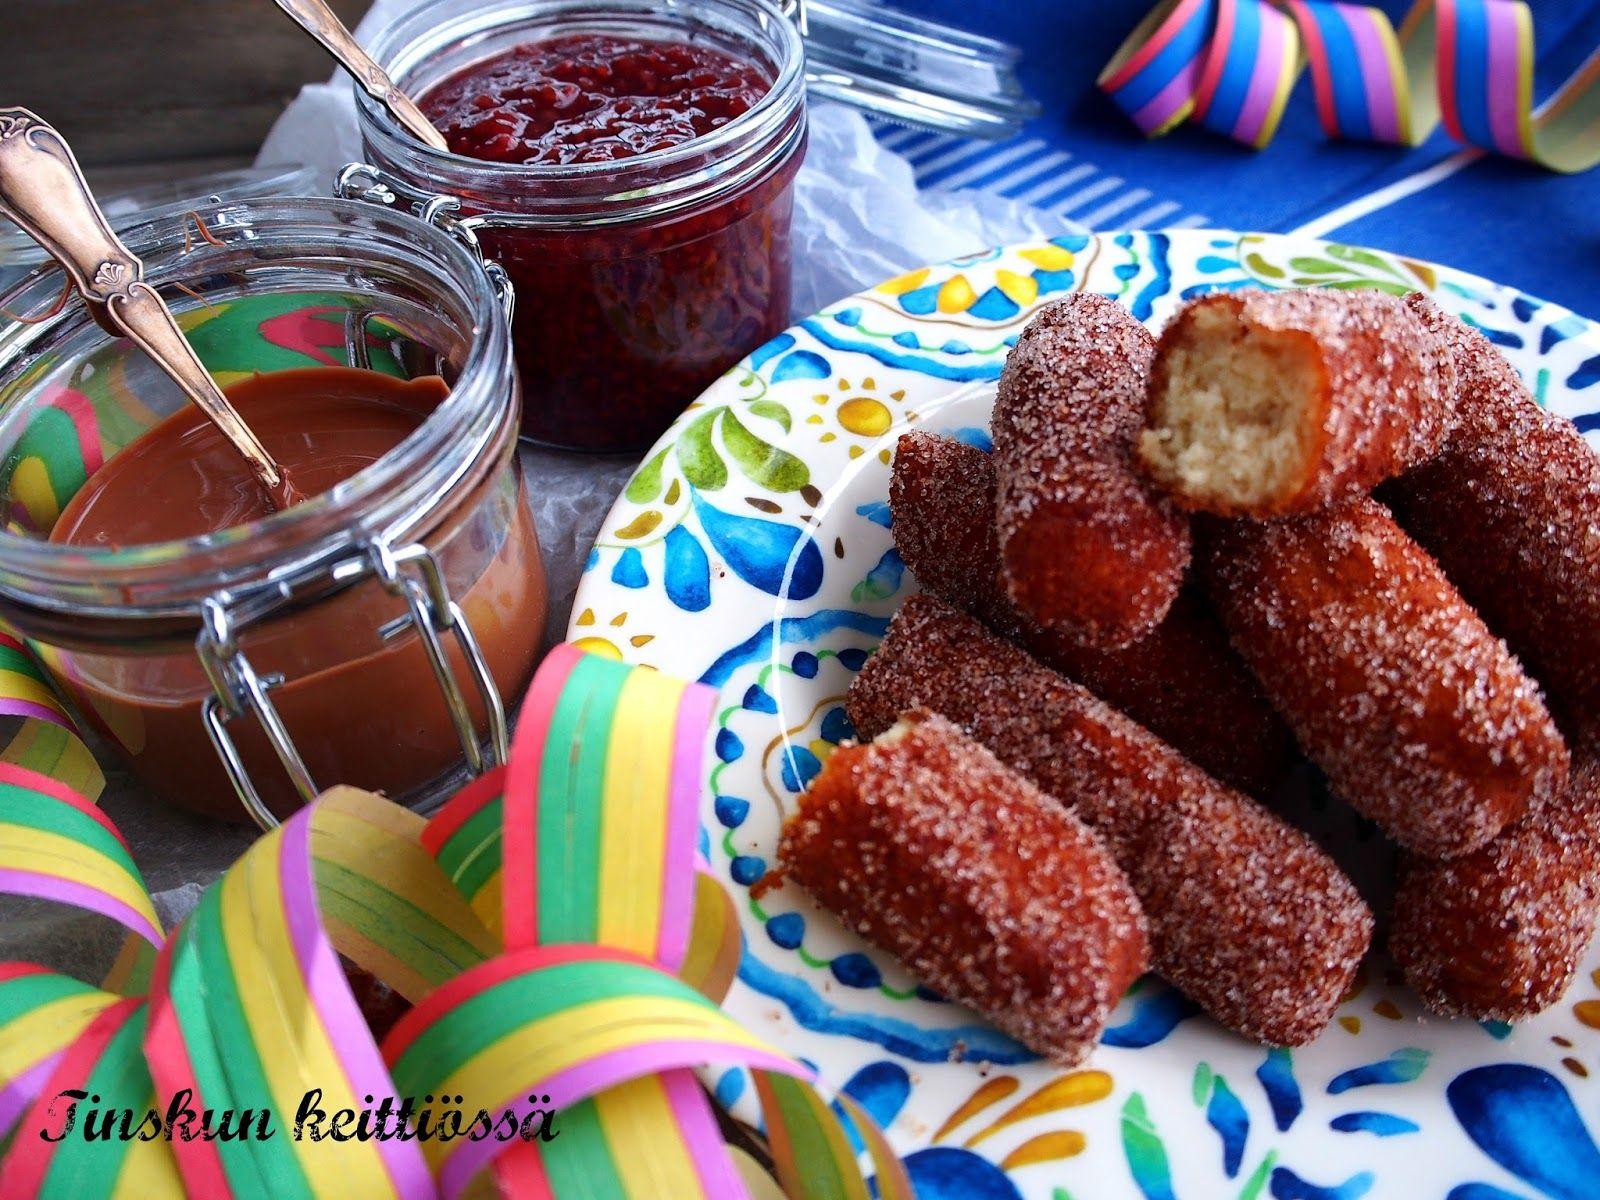 Espanjalaiset munkkitangot eli churrot viljattomasti: Tinskun keittiössä